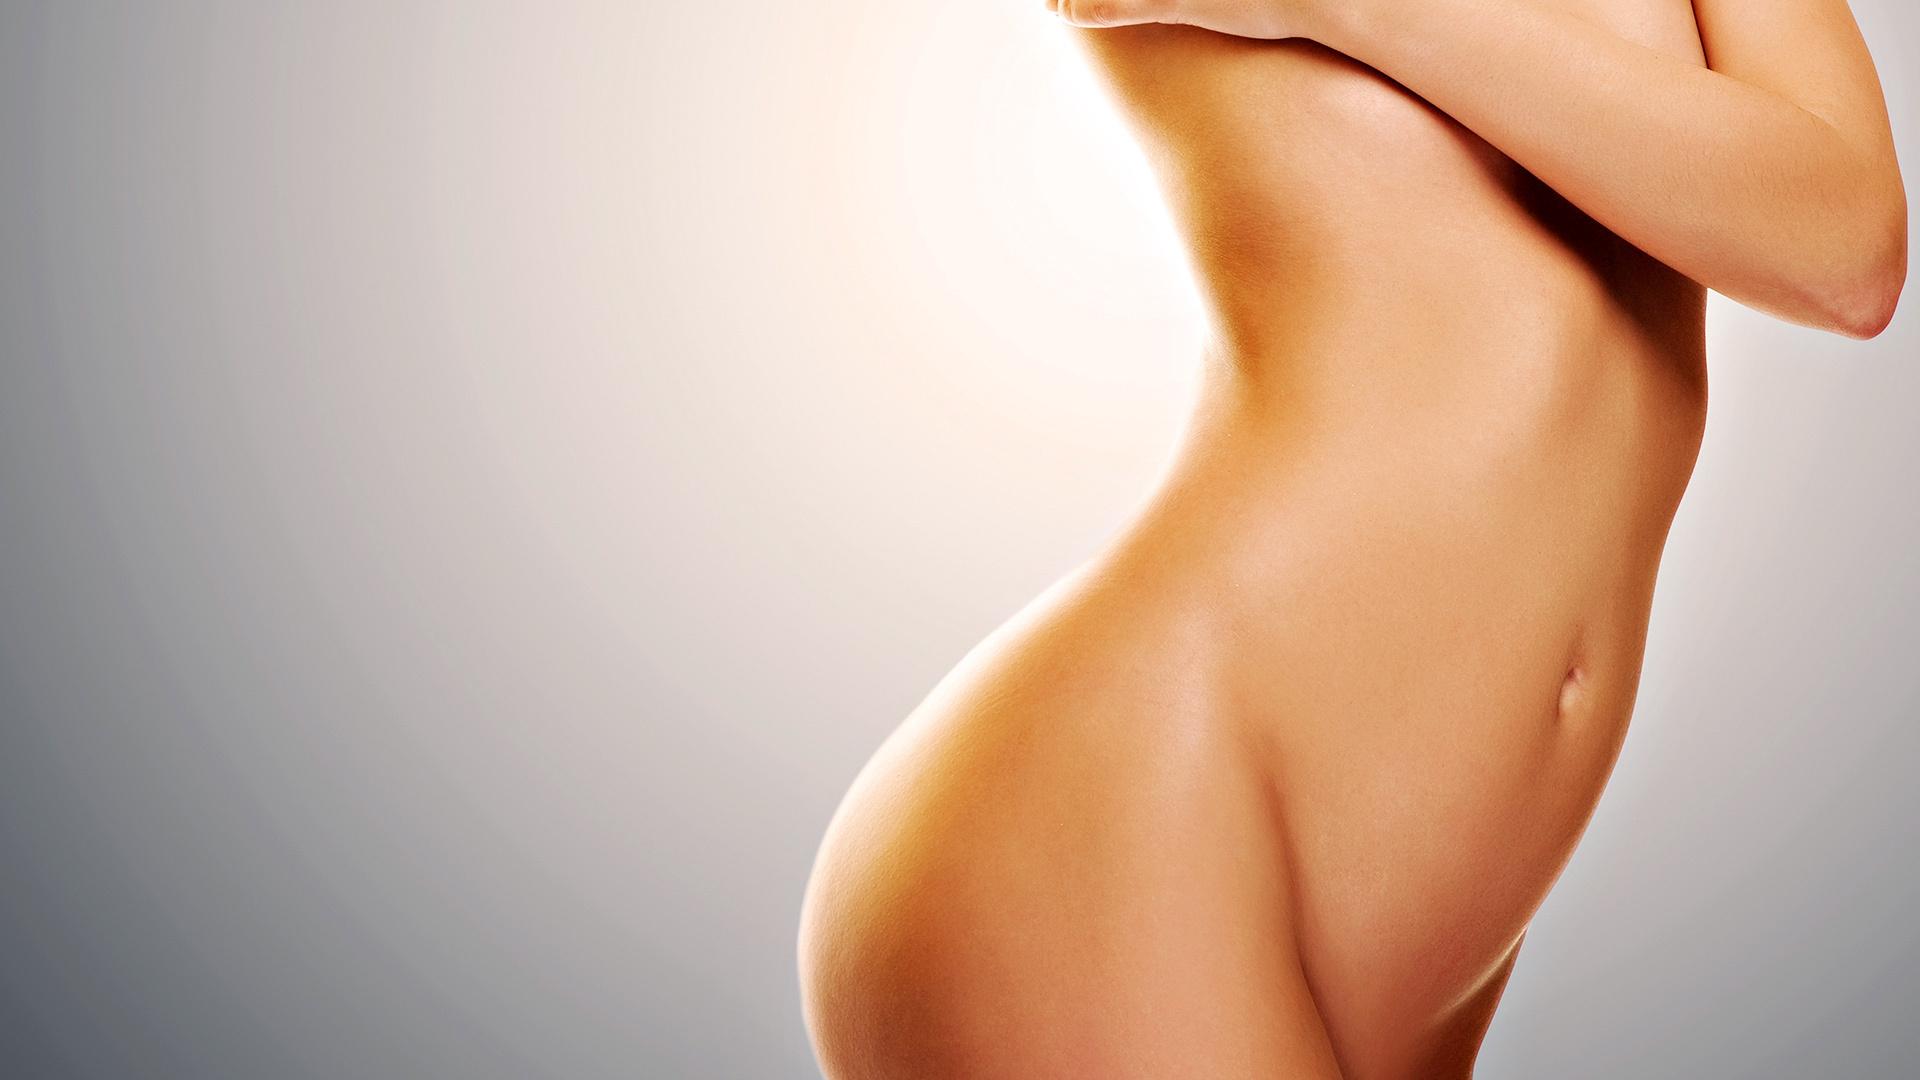 Фото тело женщины 9 фотография